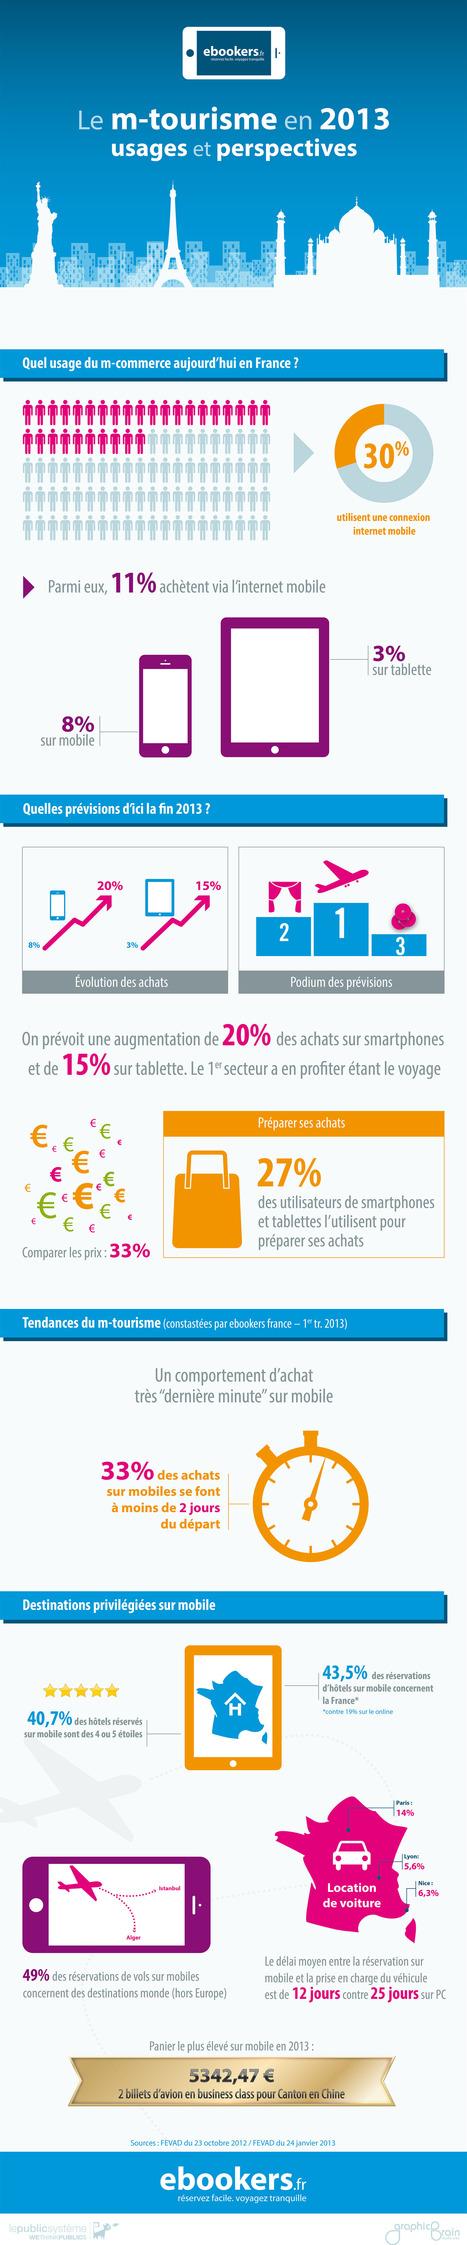 Le tourisme mobile en 2013 | Médias sociaux et tourisme | Scoop.it